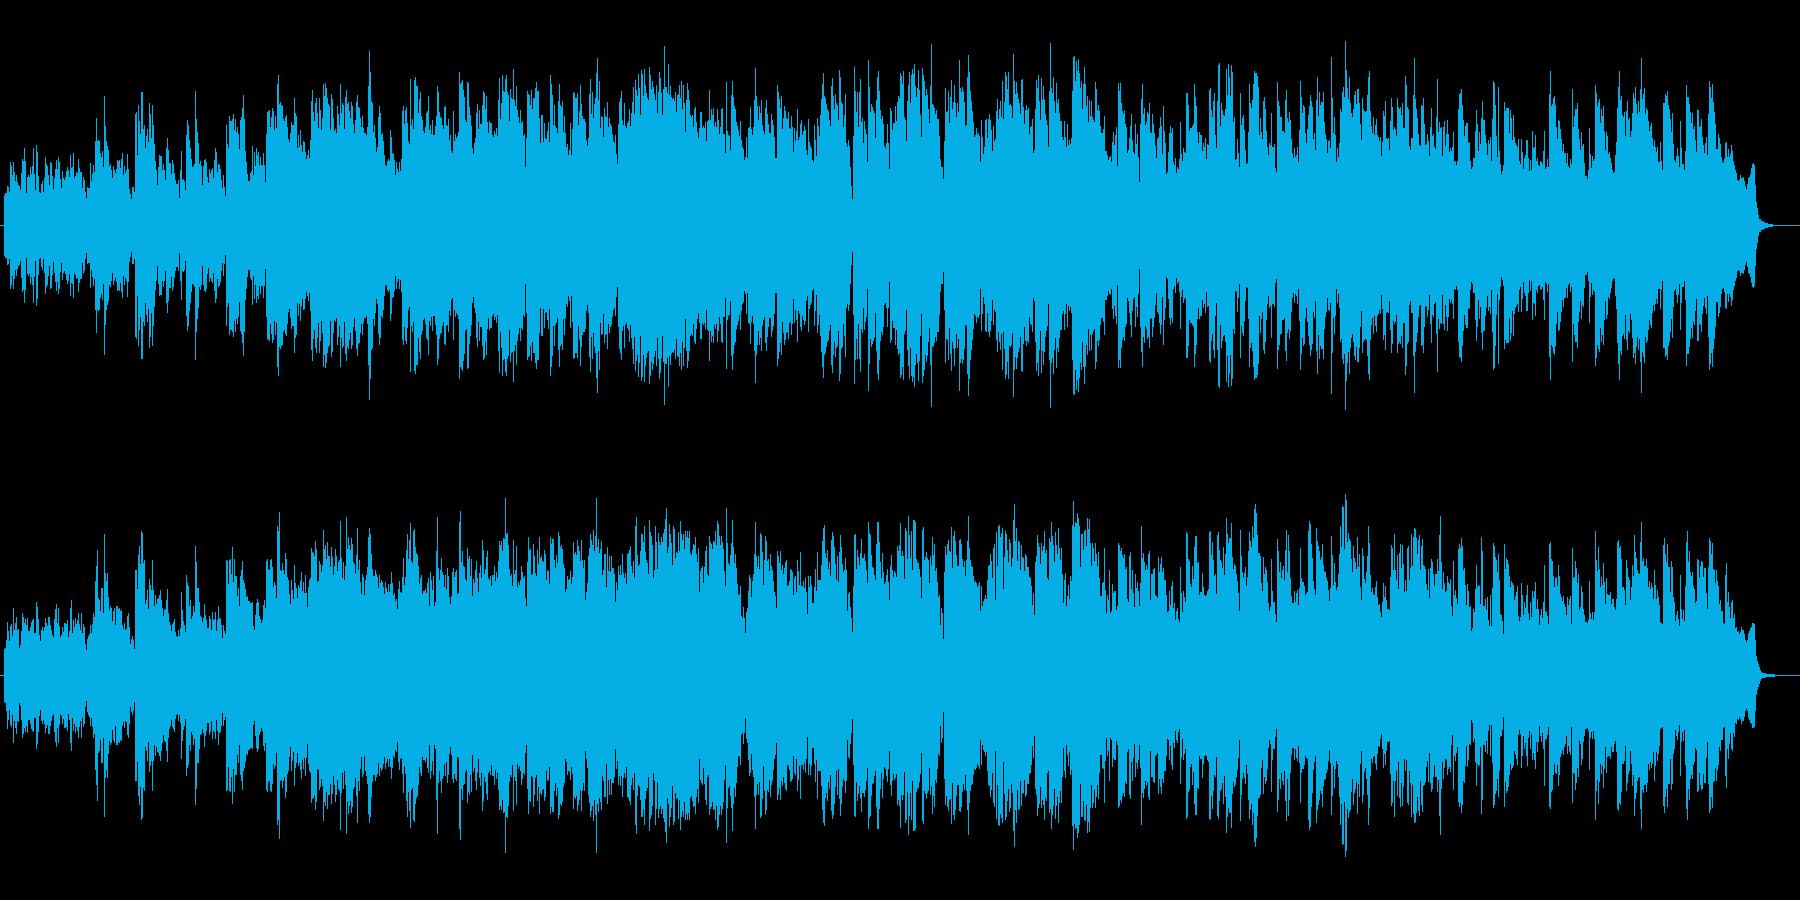 幻想的なヒーリングポップの再生済みの波形